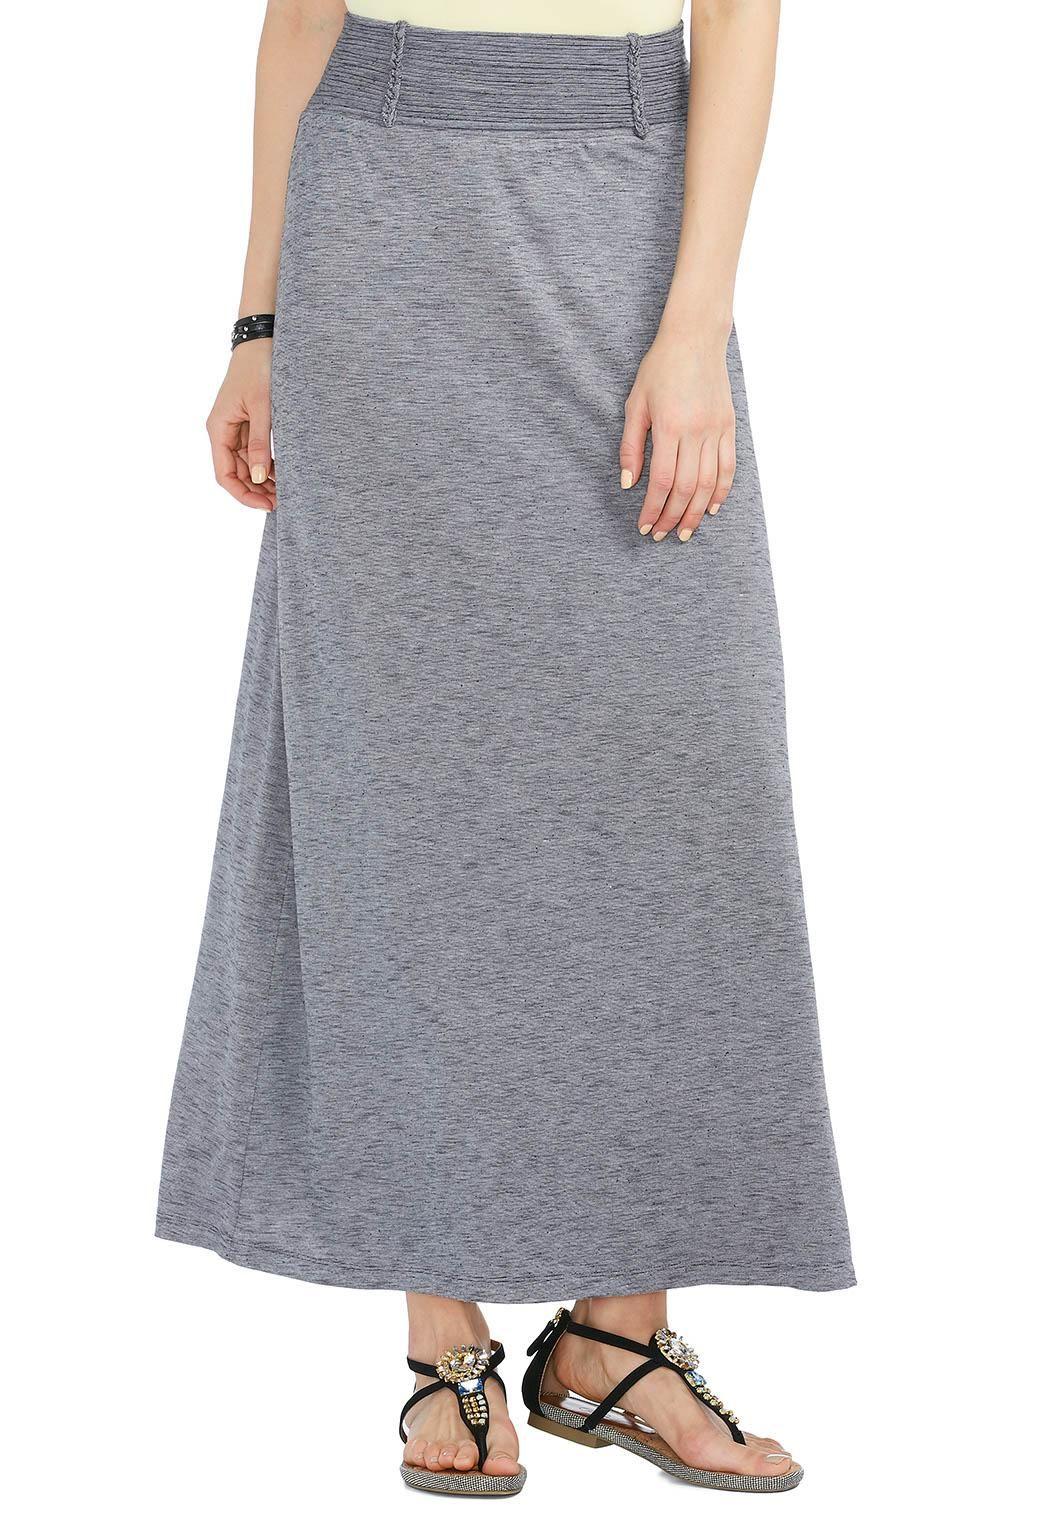 ecb1135e6 Textured Slub Knit Maxi Skirt-Plus Skirts Cato Fashions | Clothing ...